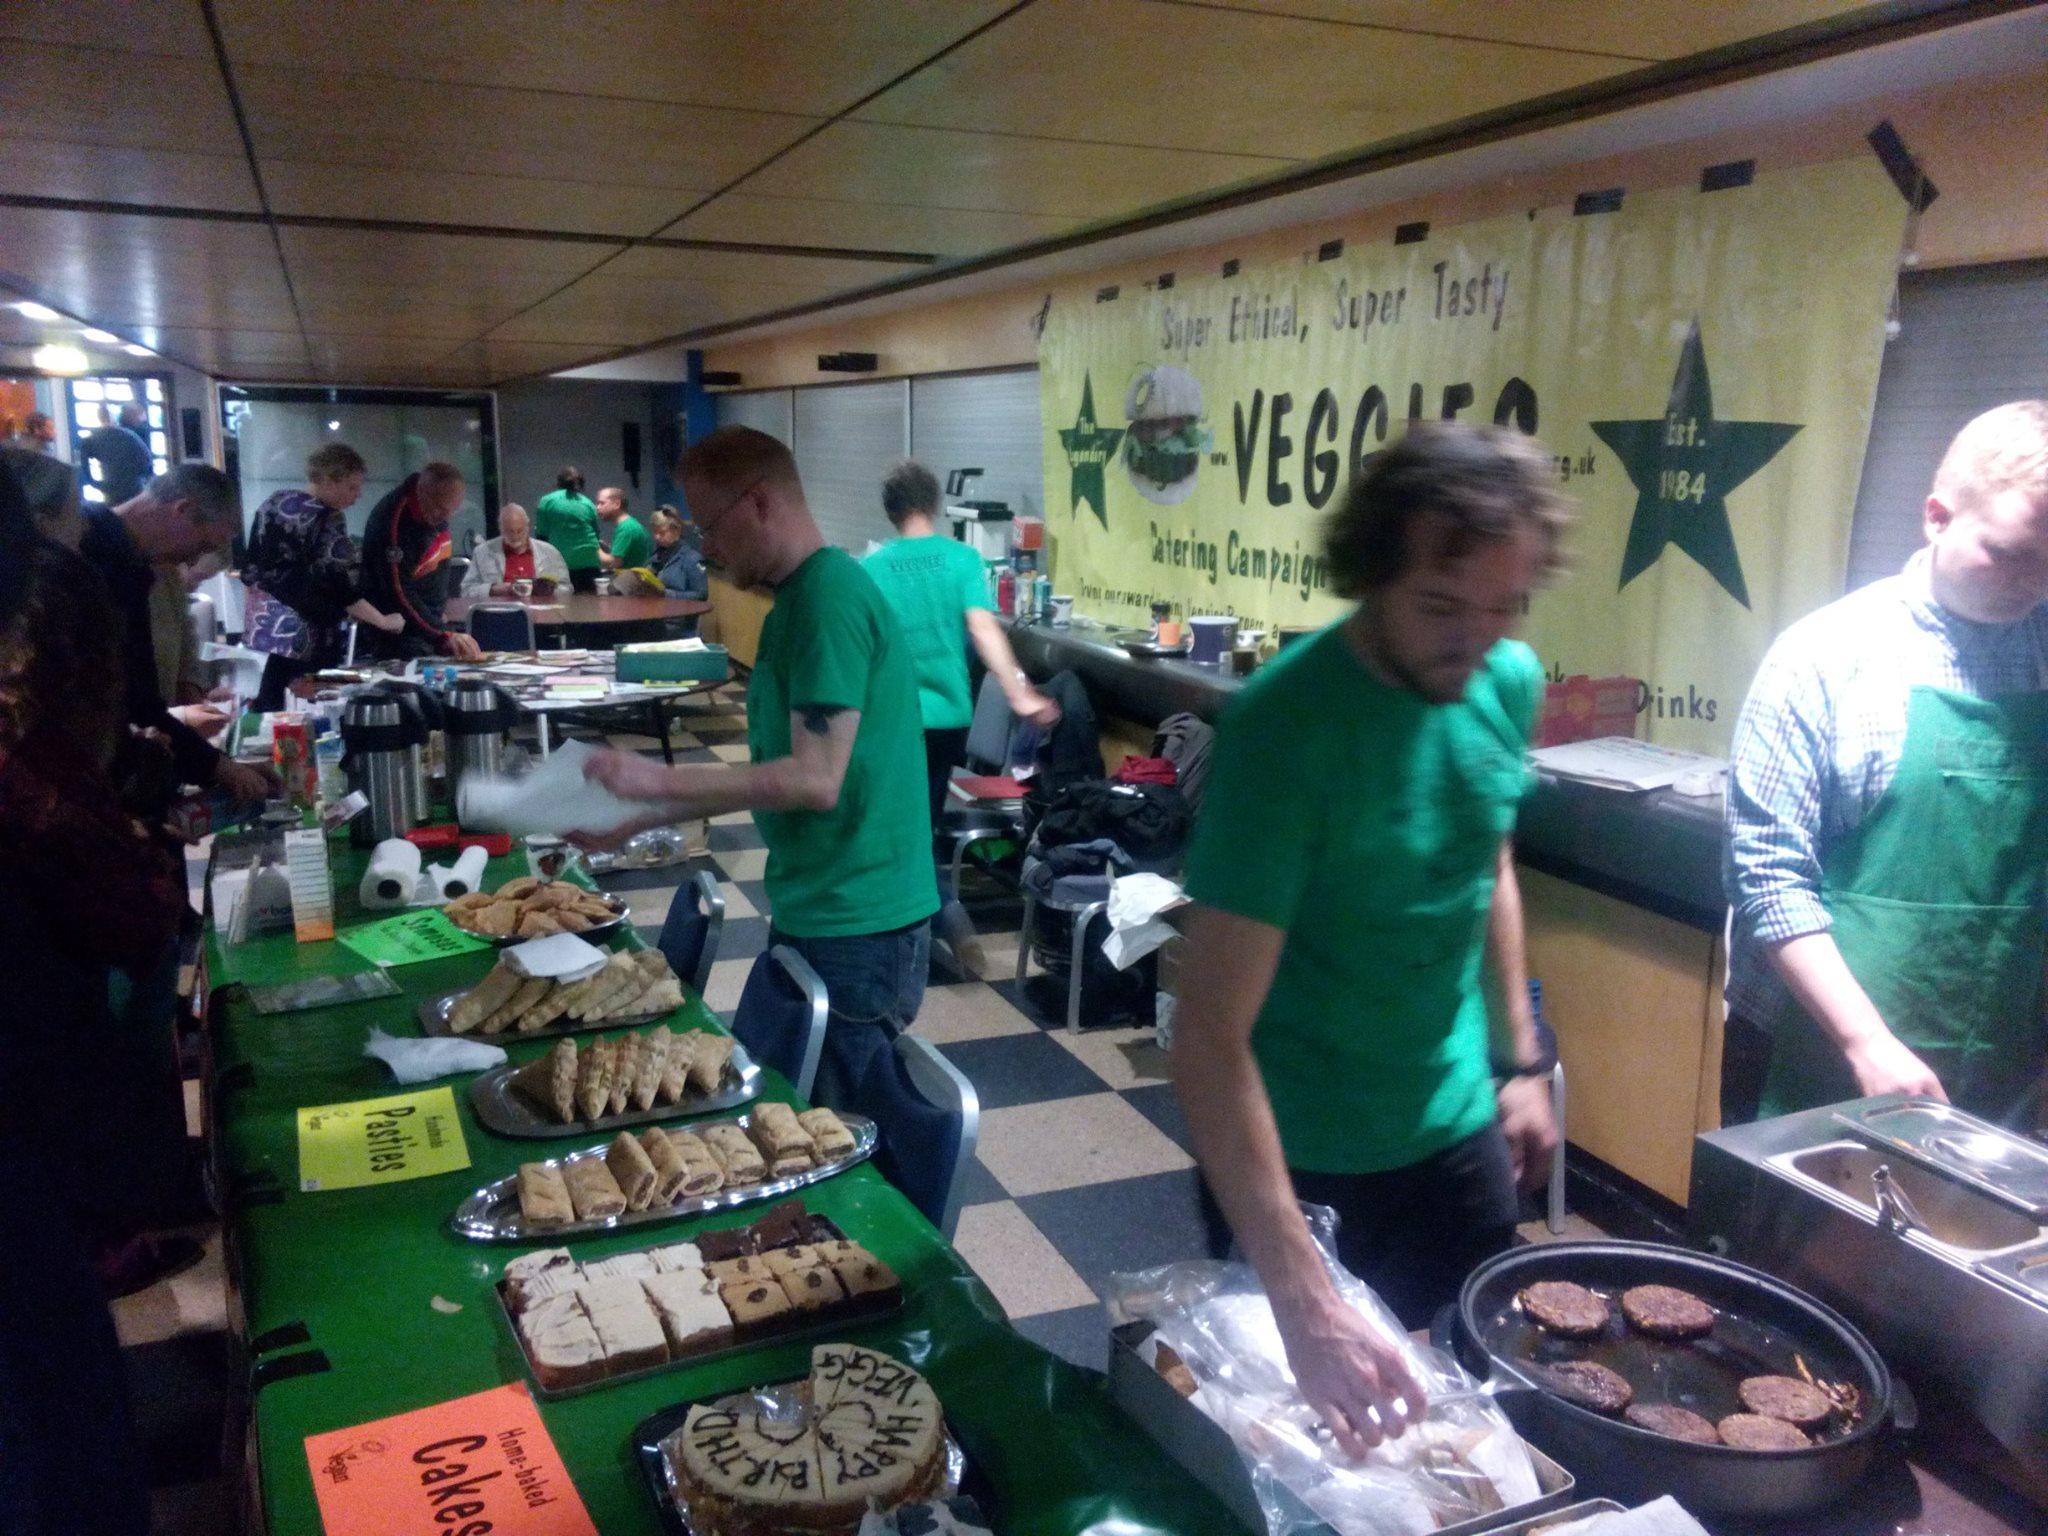 Veggies Vegan Catering Campaign Nottingham